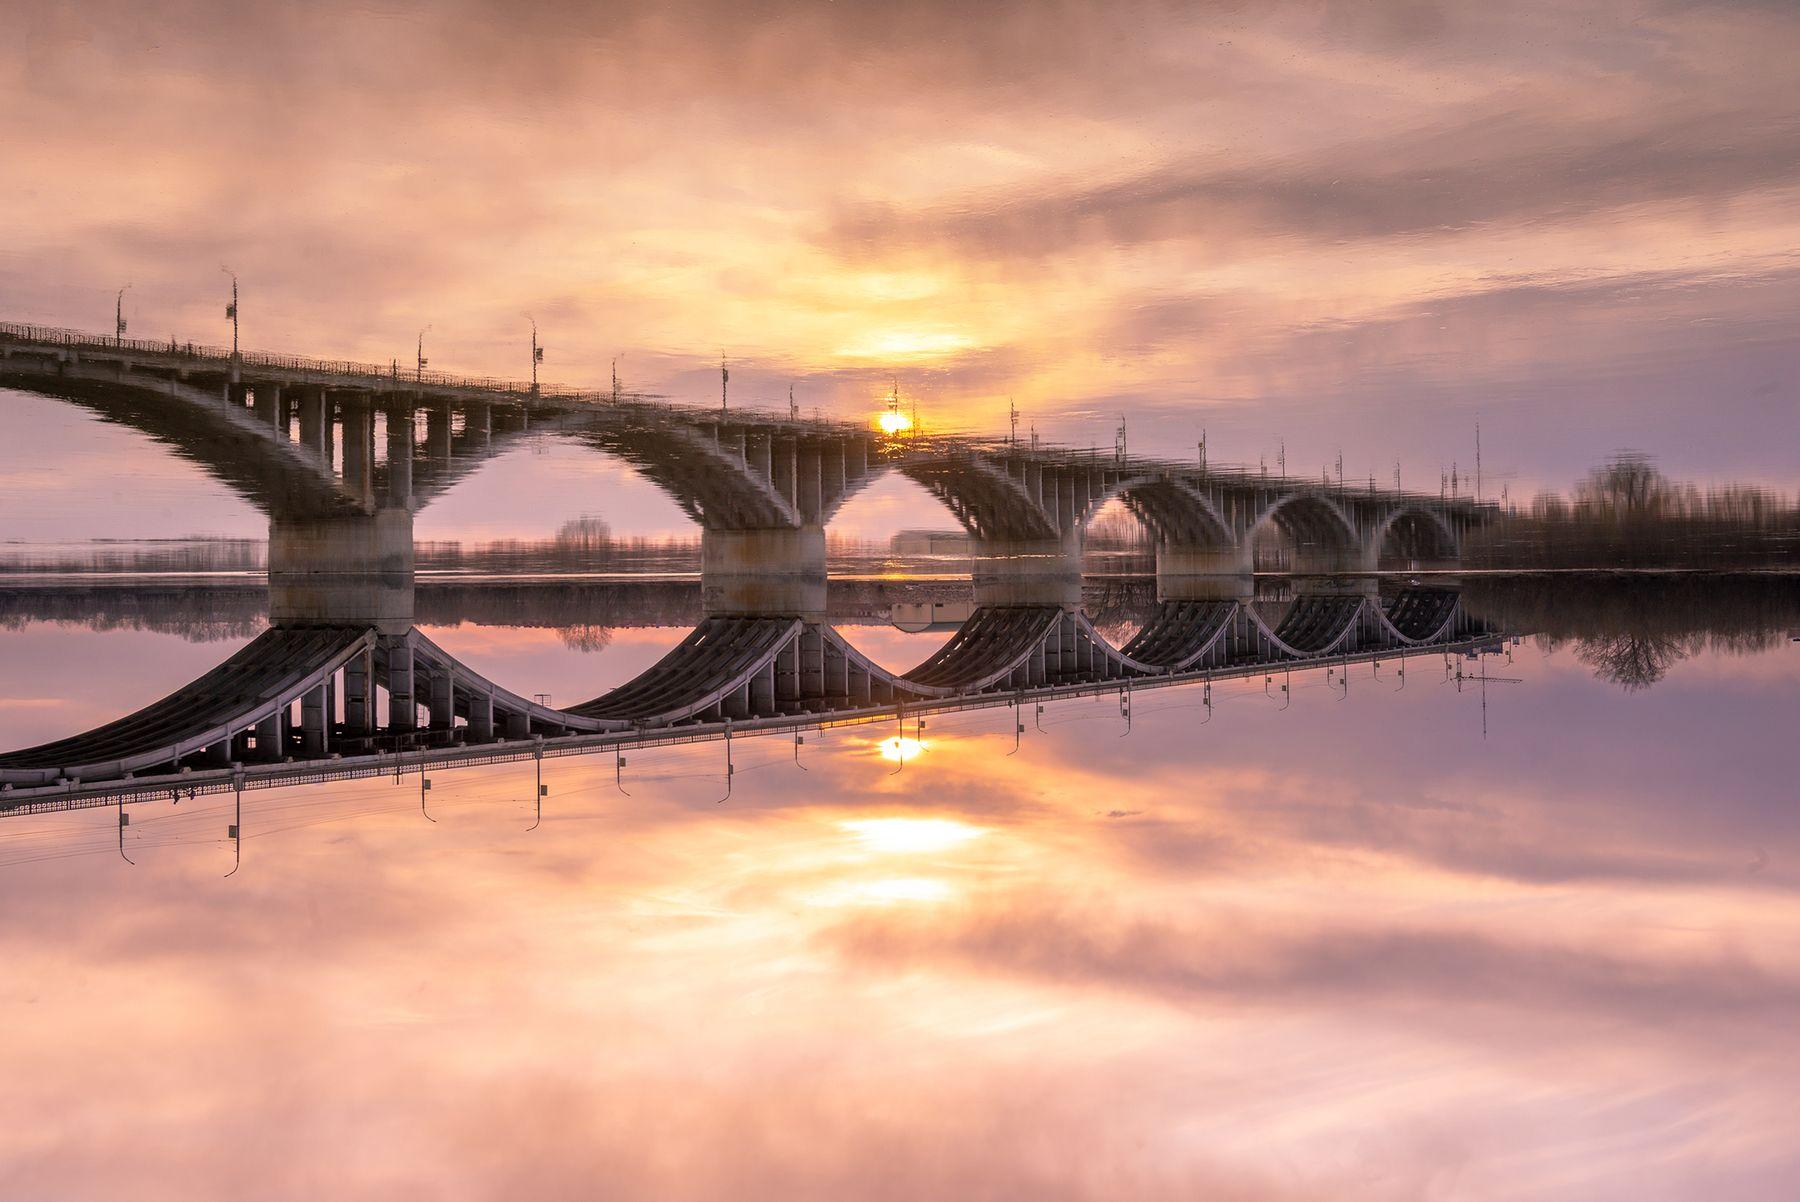 Мост в зазеркалье